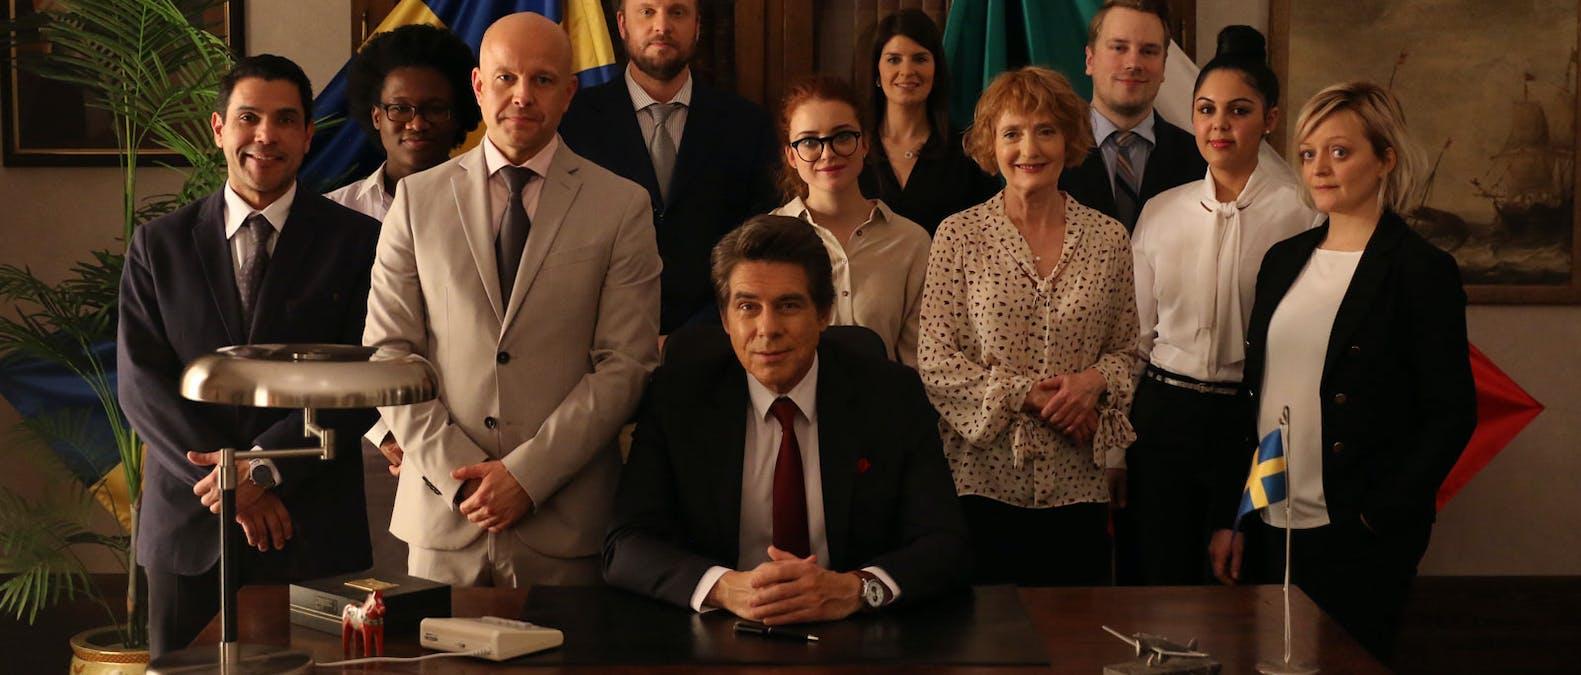 En bild på rollbesättningen i Viaplay-serien Ambassadören, med Mikael Tornving i mitten.